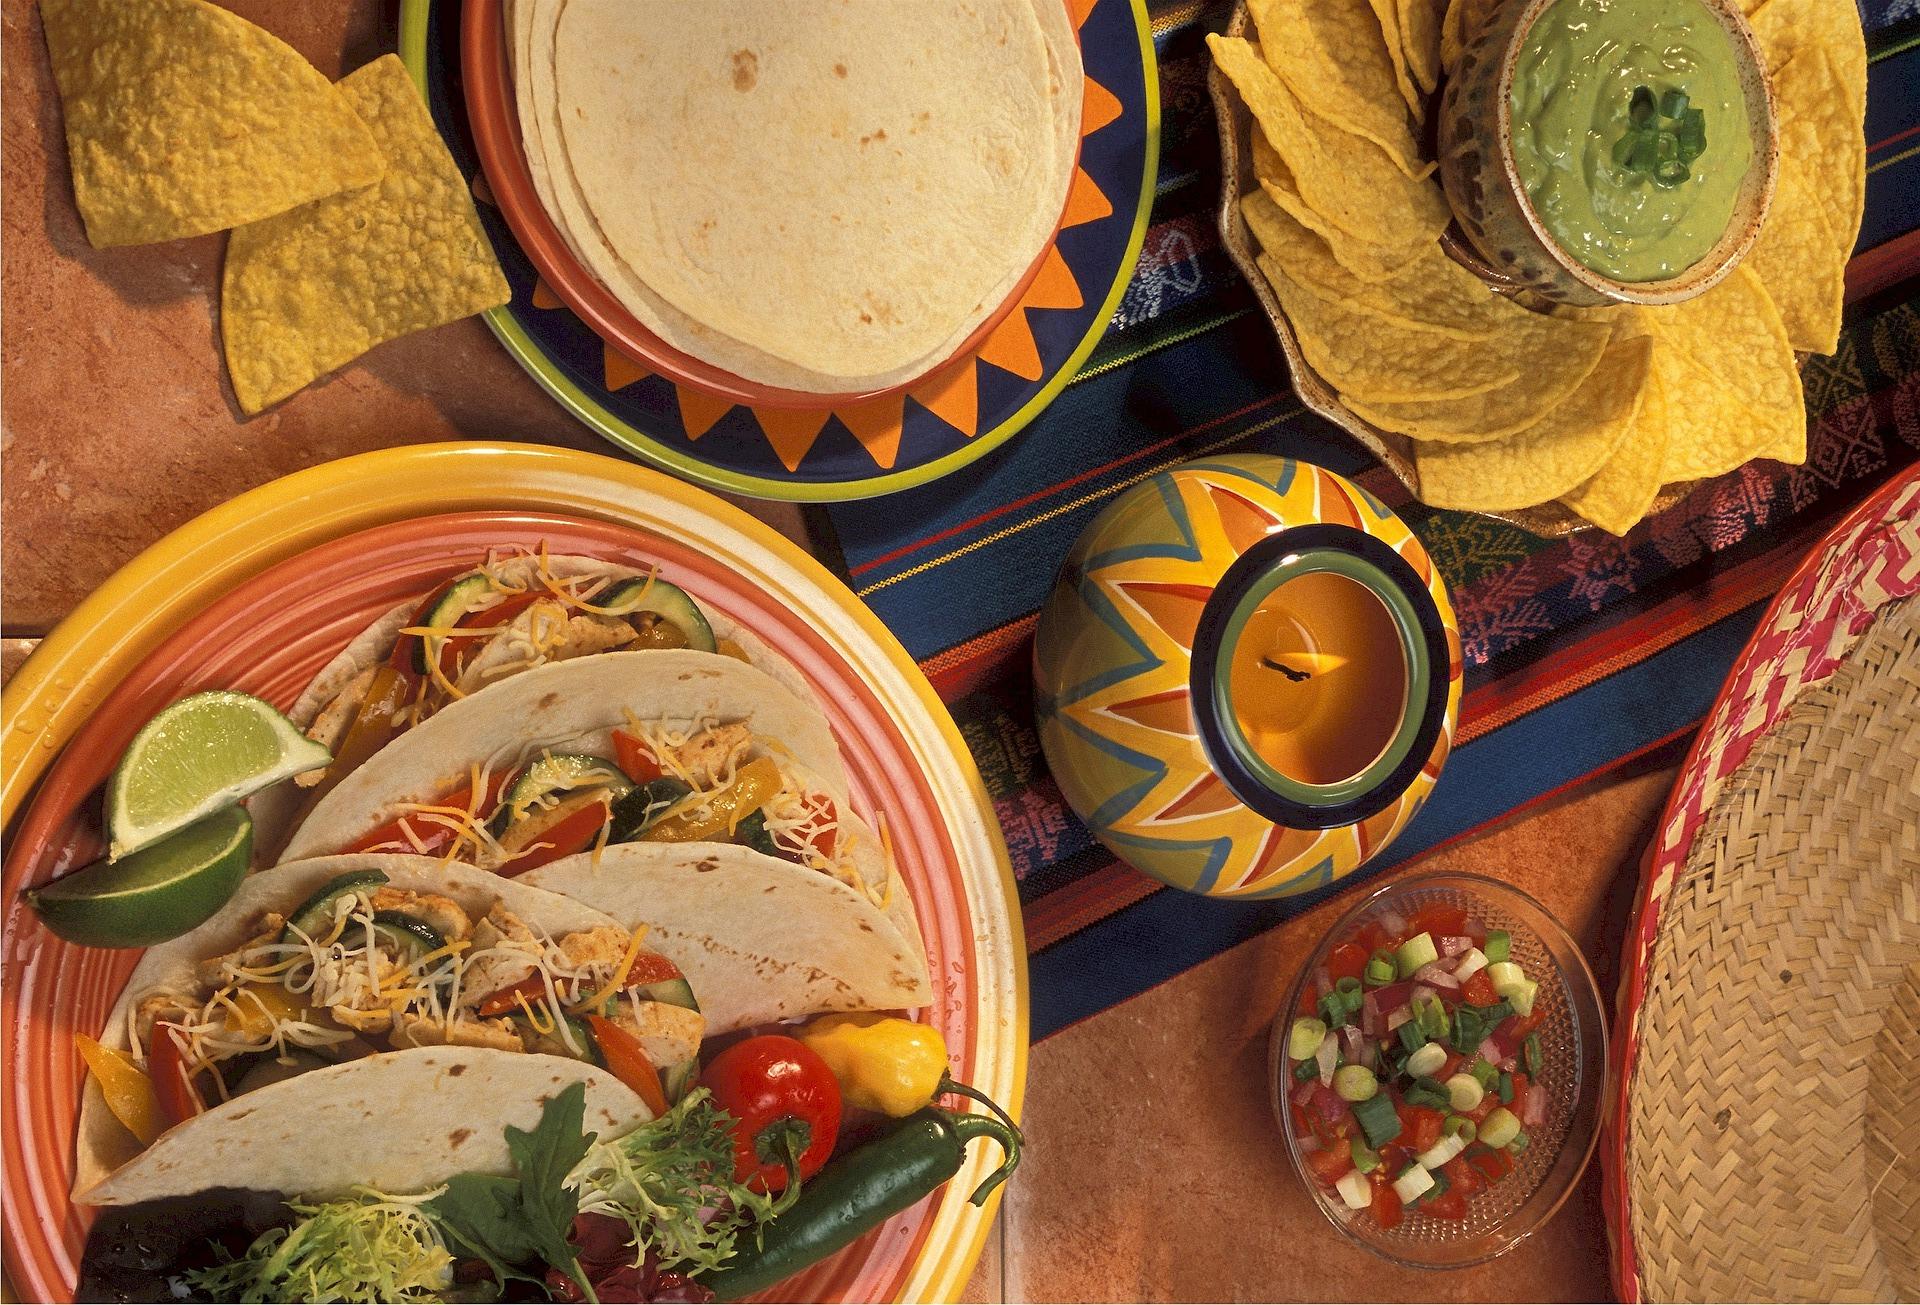 طريقة عمل الفاهيتا المكسيكية